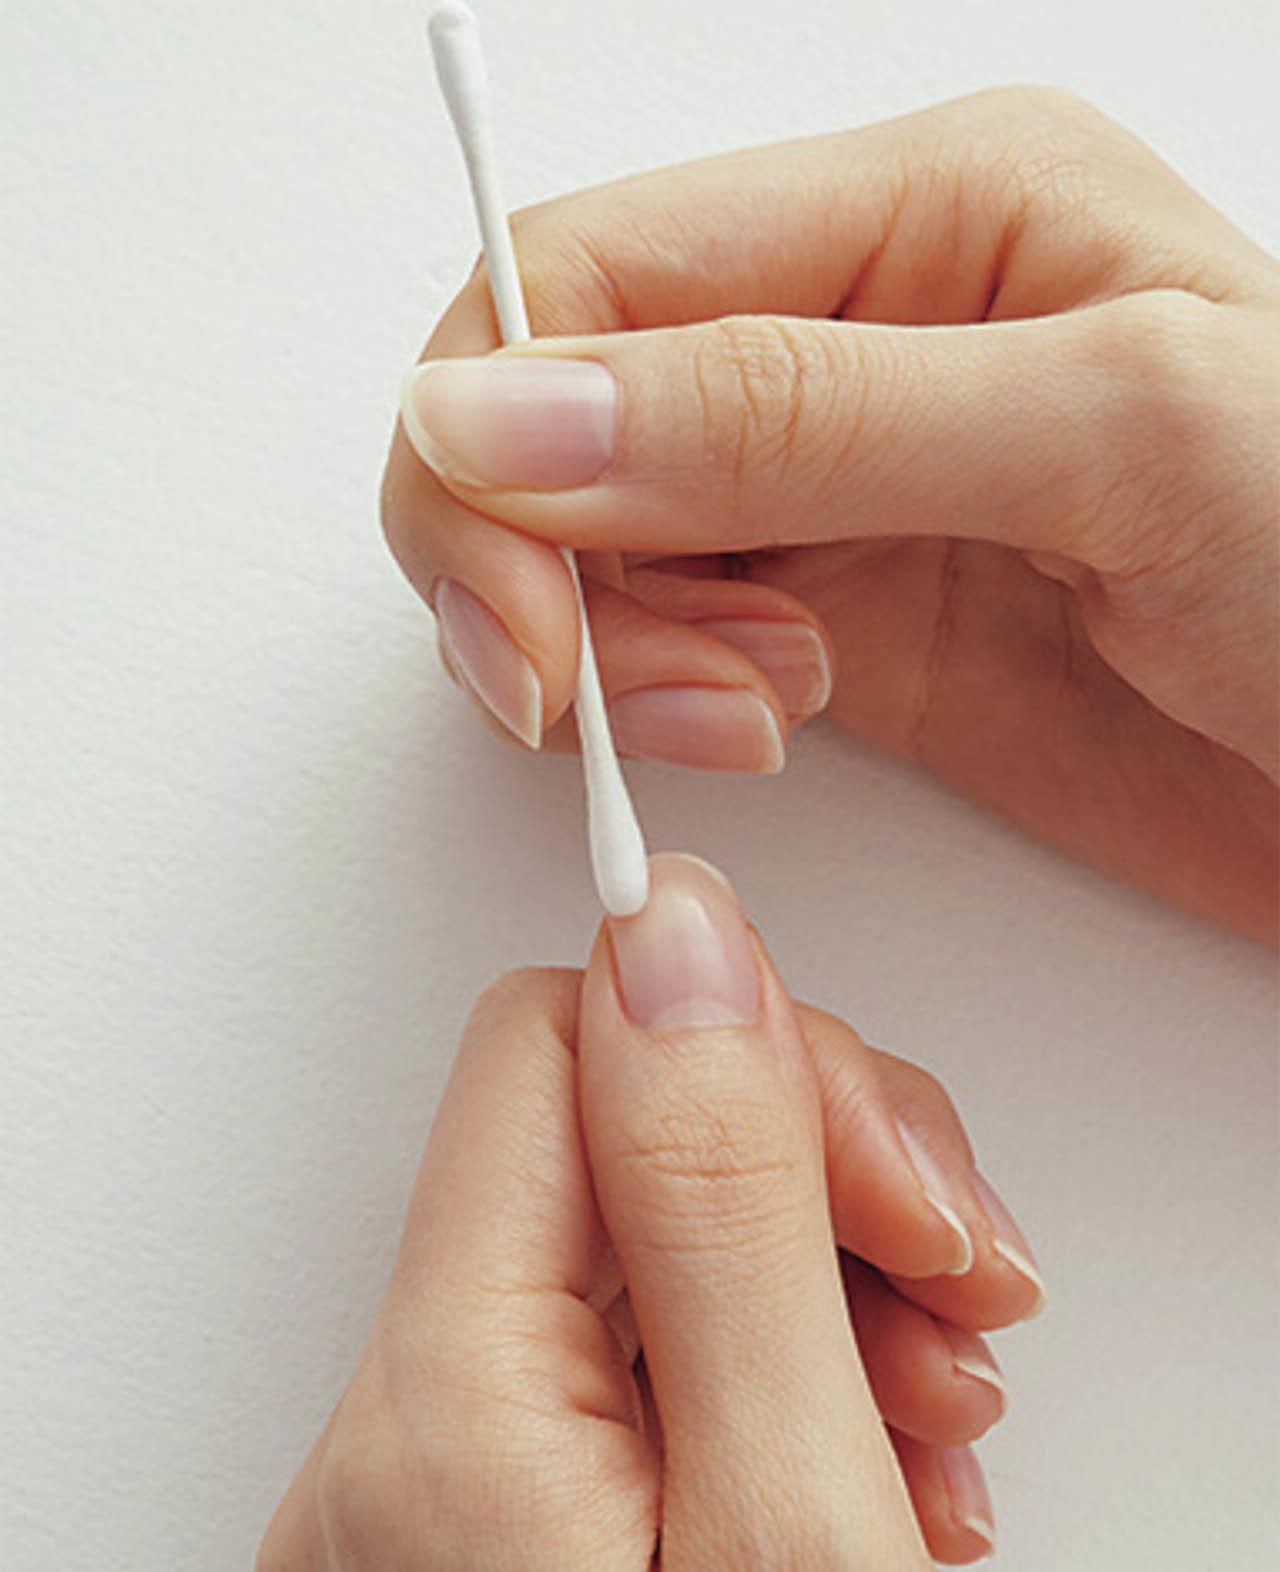 1.綿棒にネイルリムーバーかアルコールをしみ込ませ、爪の表面をていねいにふき取って、油分を落とす。ベースコートを塗る